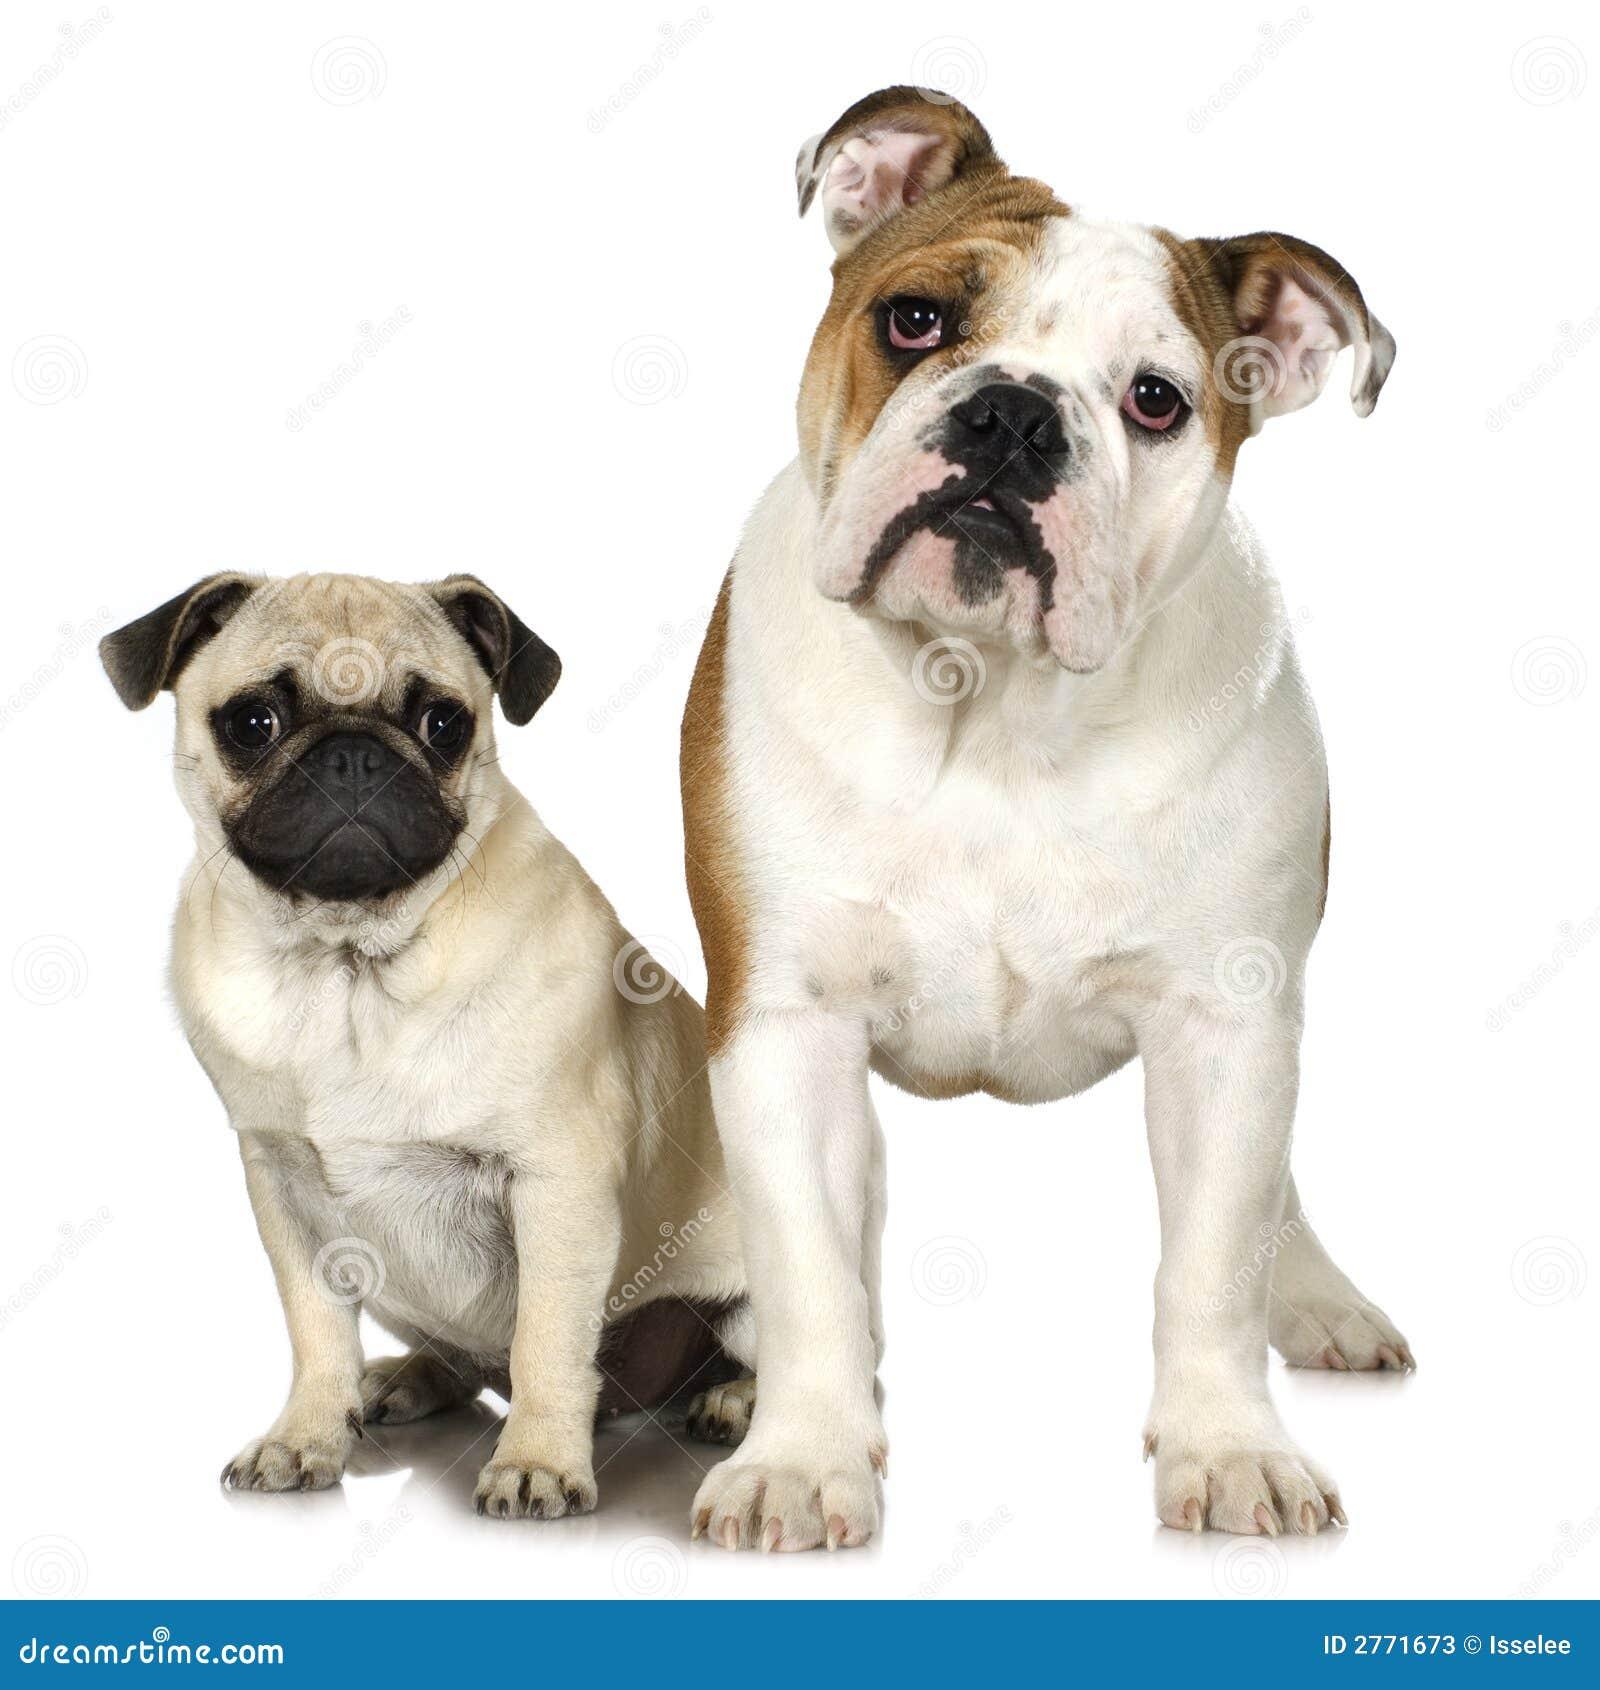 English Bulldog and a pug